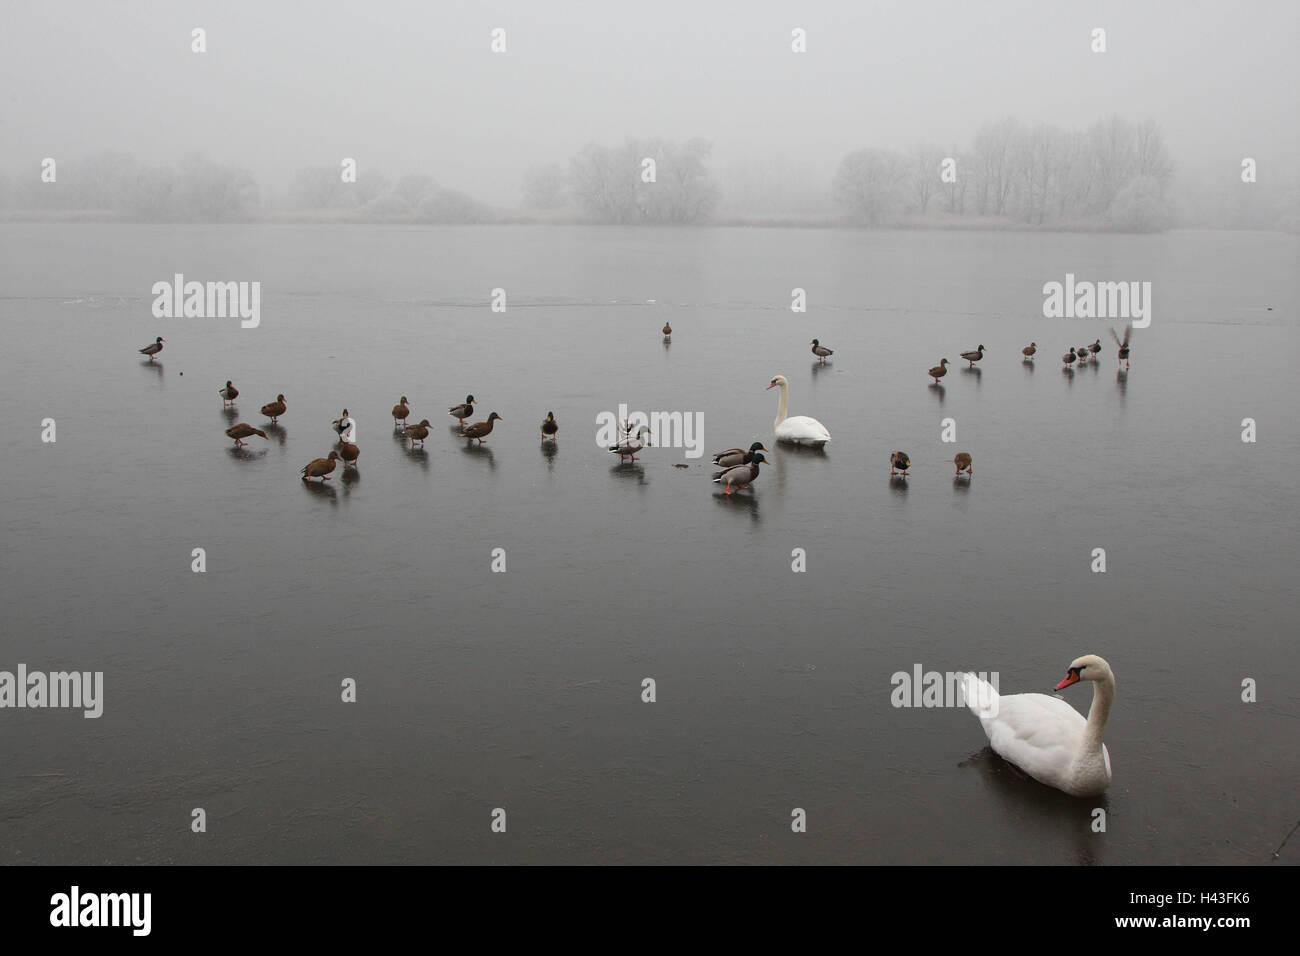 Les cygnes, les canards colverts, bosse nappe de glace, l'Europe, les oiseaux, cygnes, canards, se figea, l'Allemagne, Photo Stock